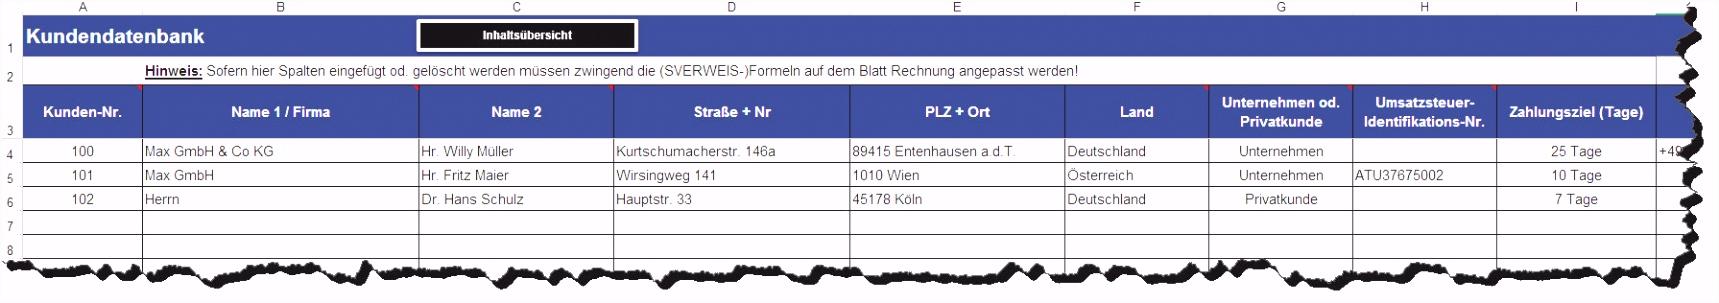 Vorlage Kassenbuch Einzigartig Kassenbuch Verein Excel Kostenlos